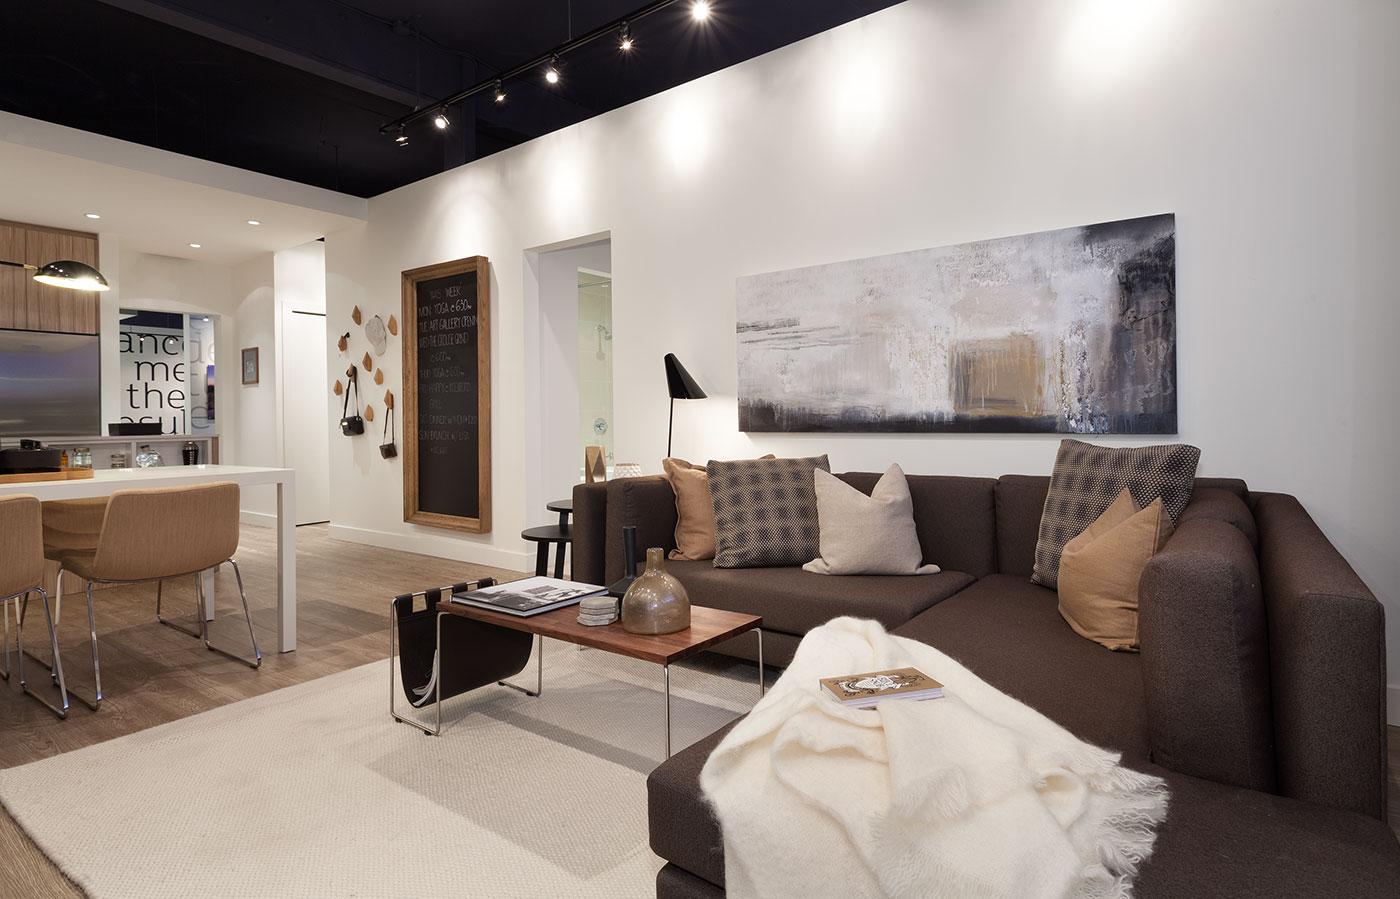 Vivagrand開發商經驗談:盤點在溫哥華「租房」需要注意事項 (2/2)